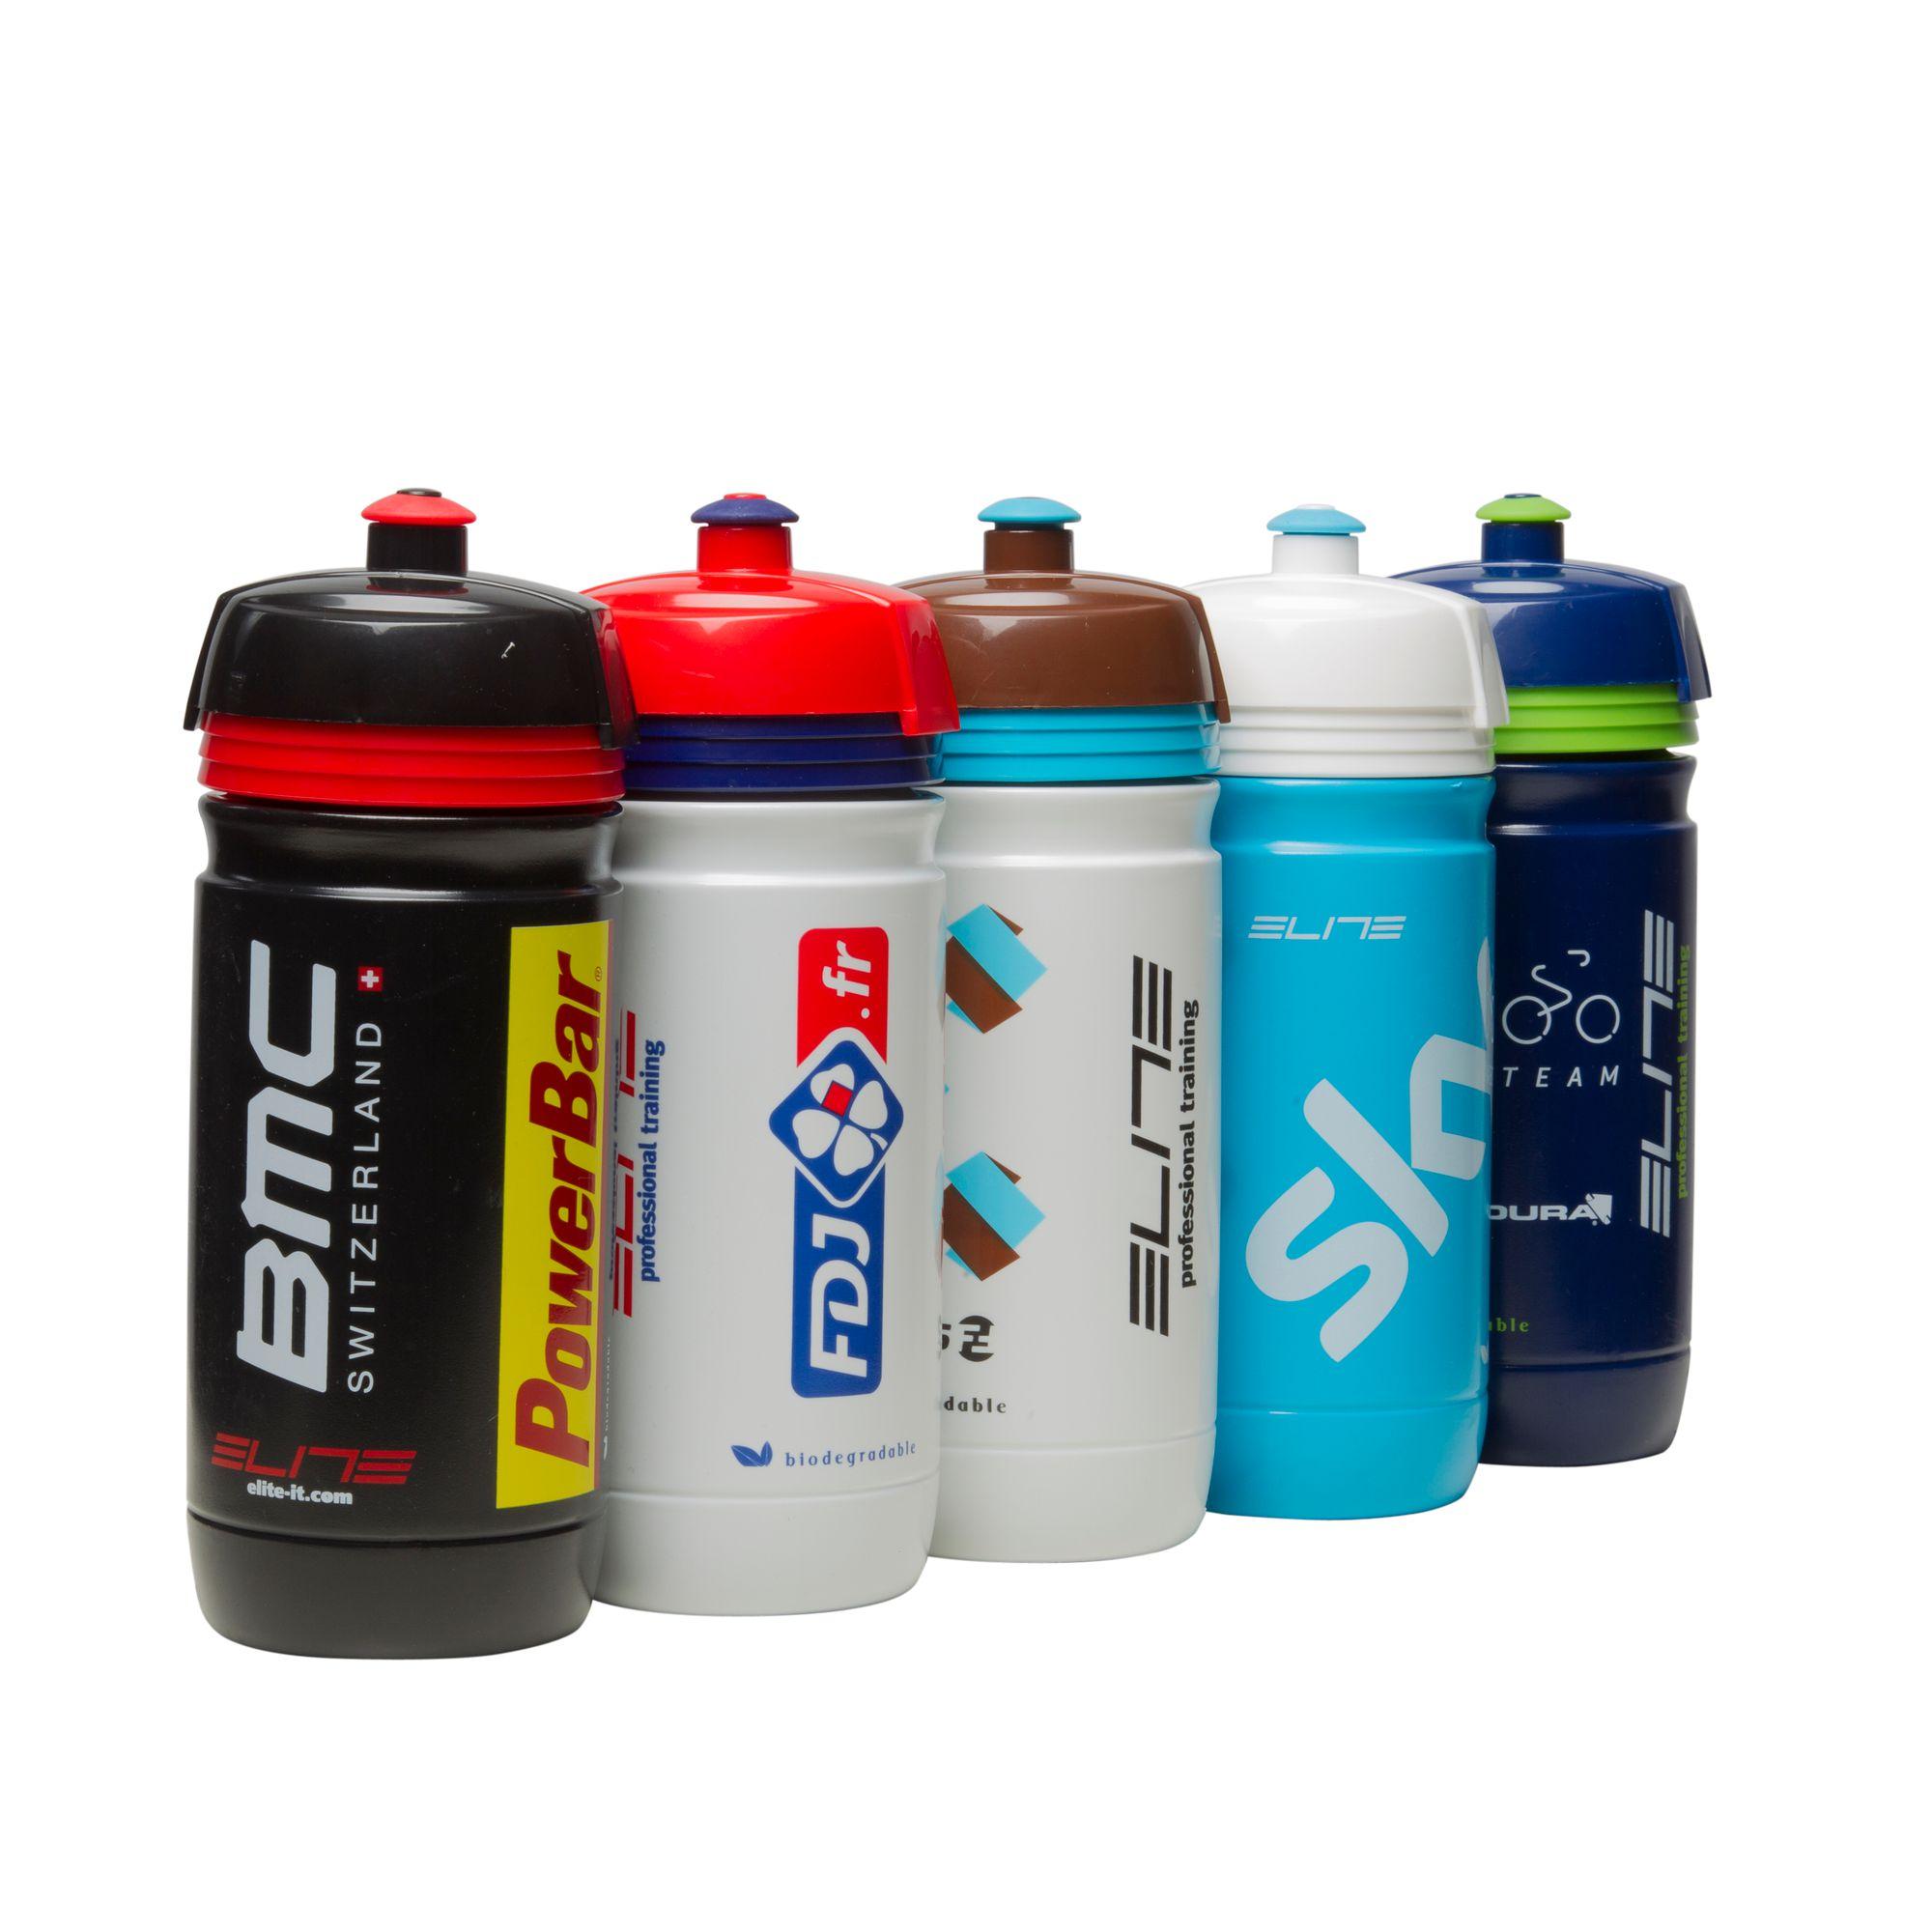 Bidon cycle 550ml équipes pro